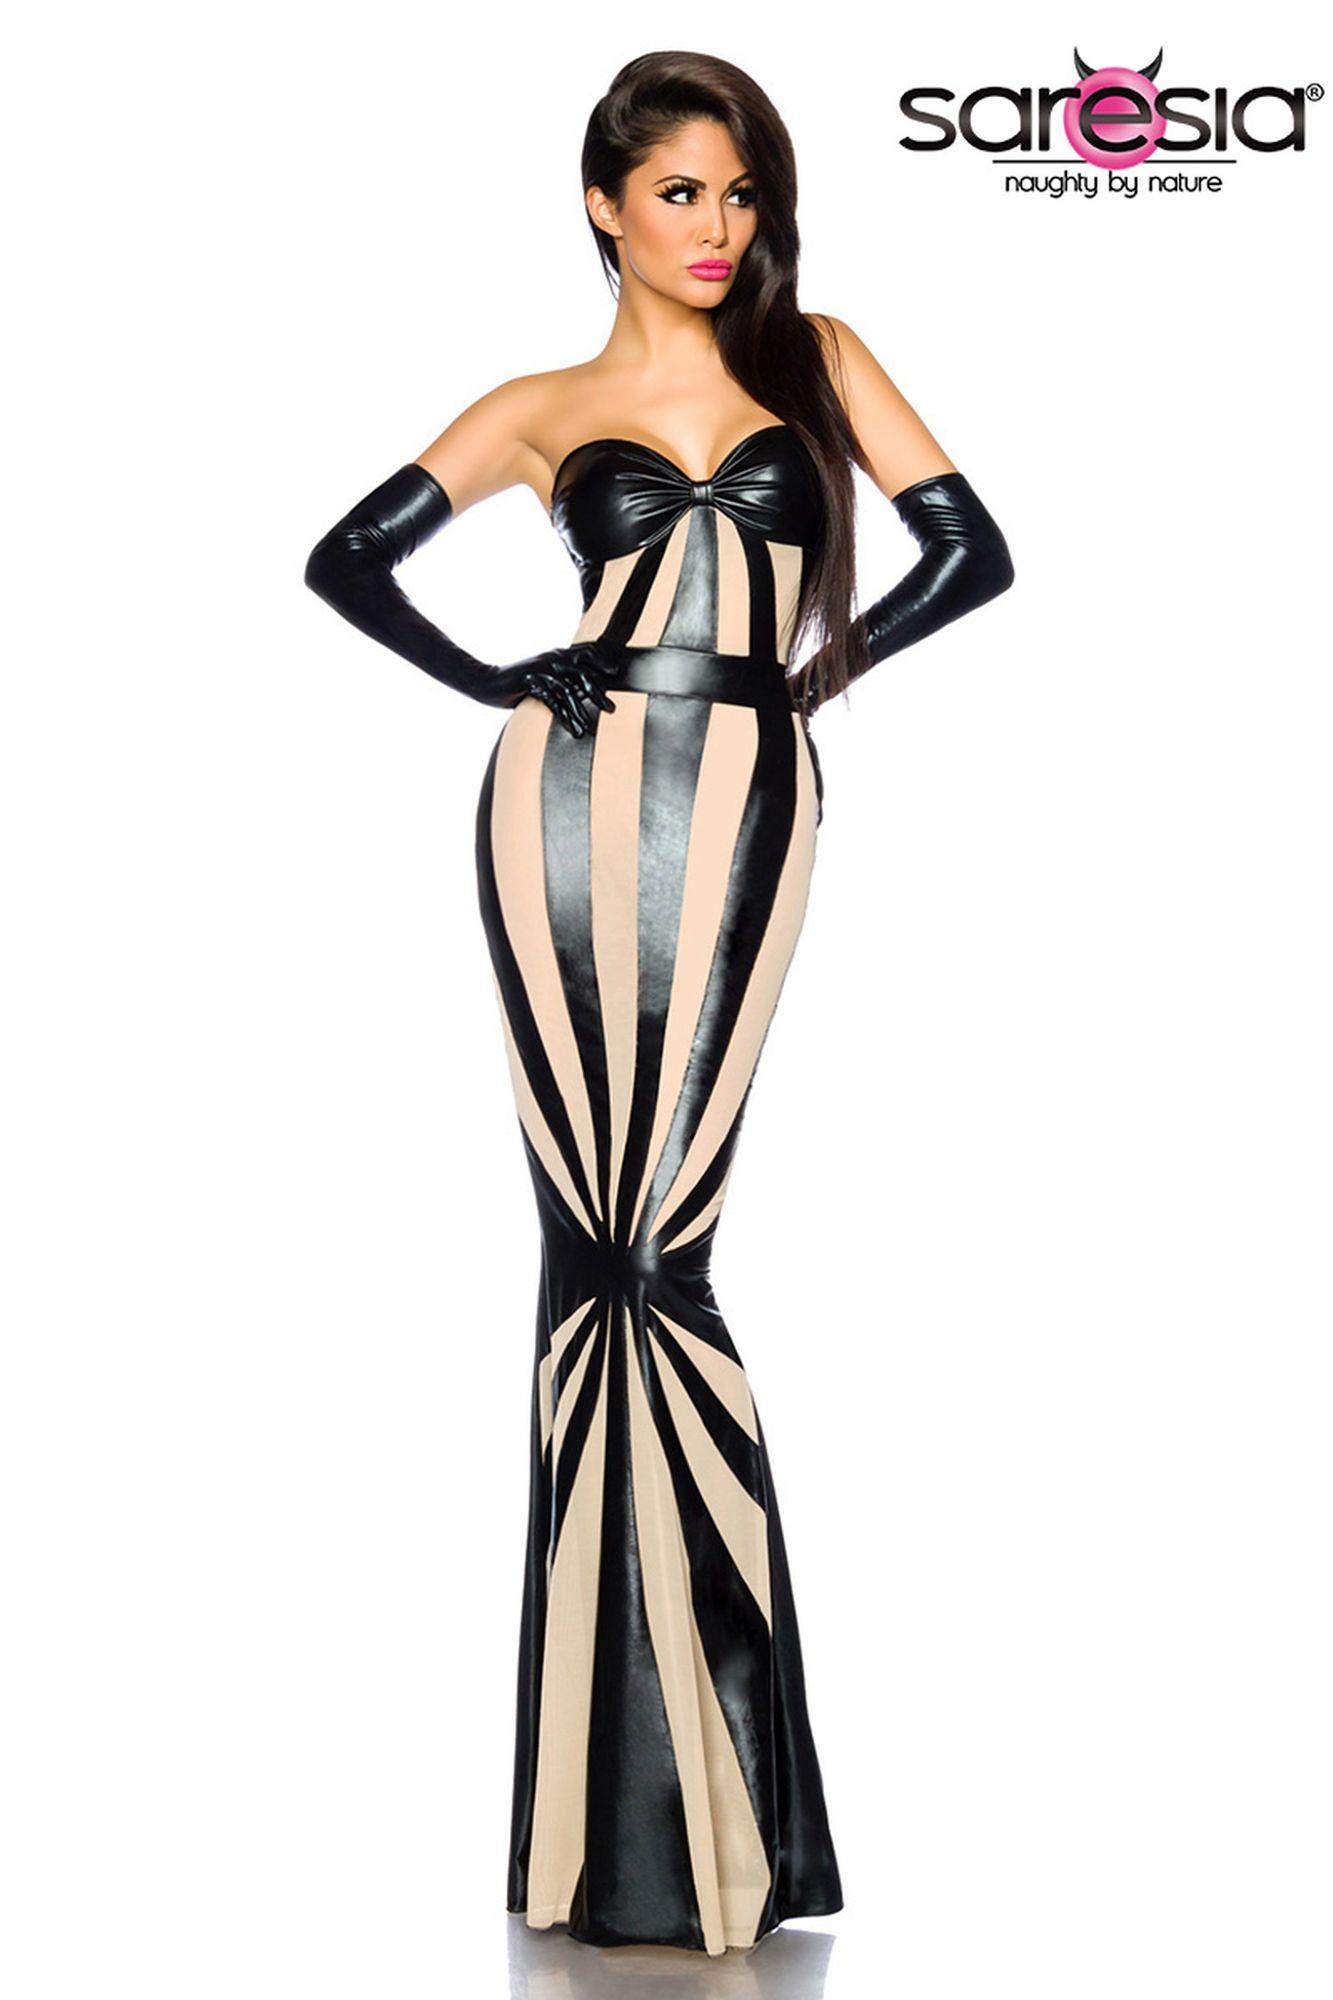 Saresia Wetlook-Kleid von Saresia - schwarz/haut